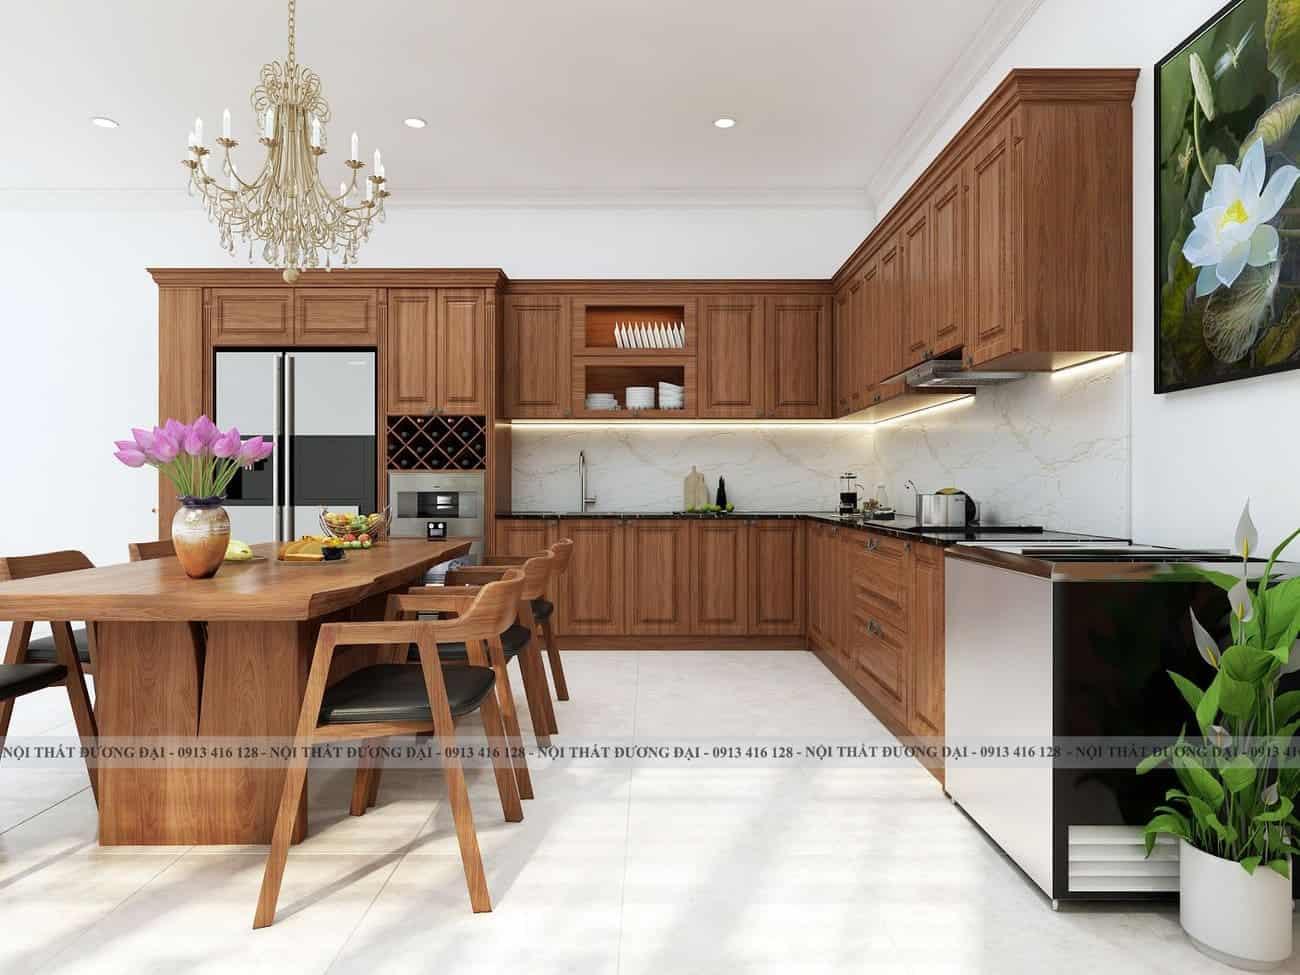 Thiết kế phòng bếp với gỗ tự nhiên trang nhã